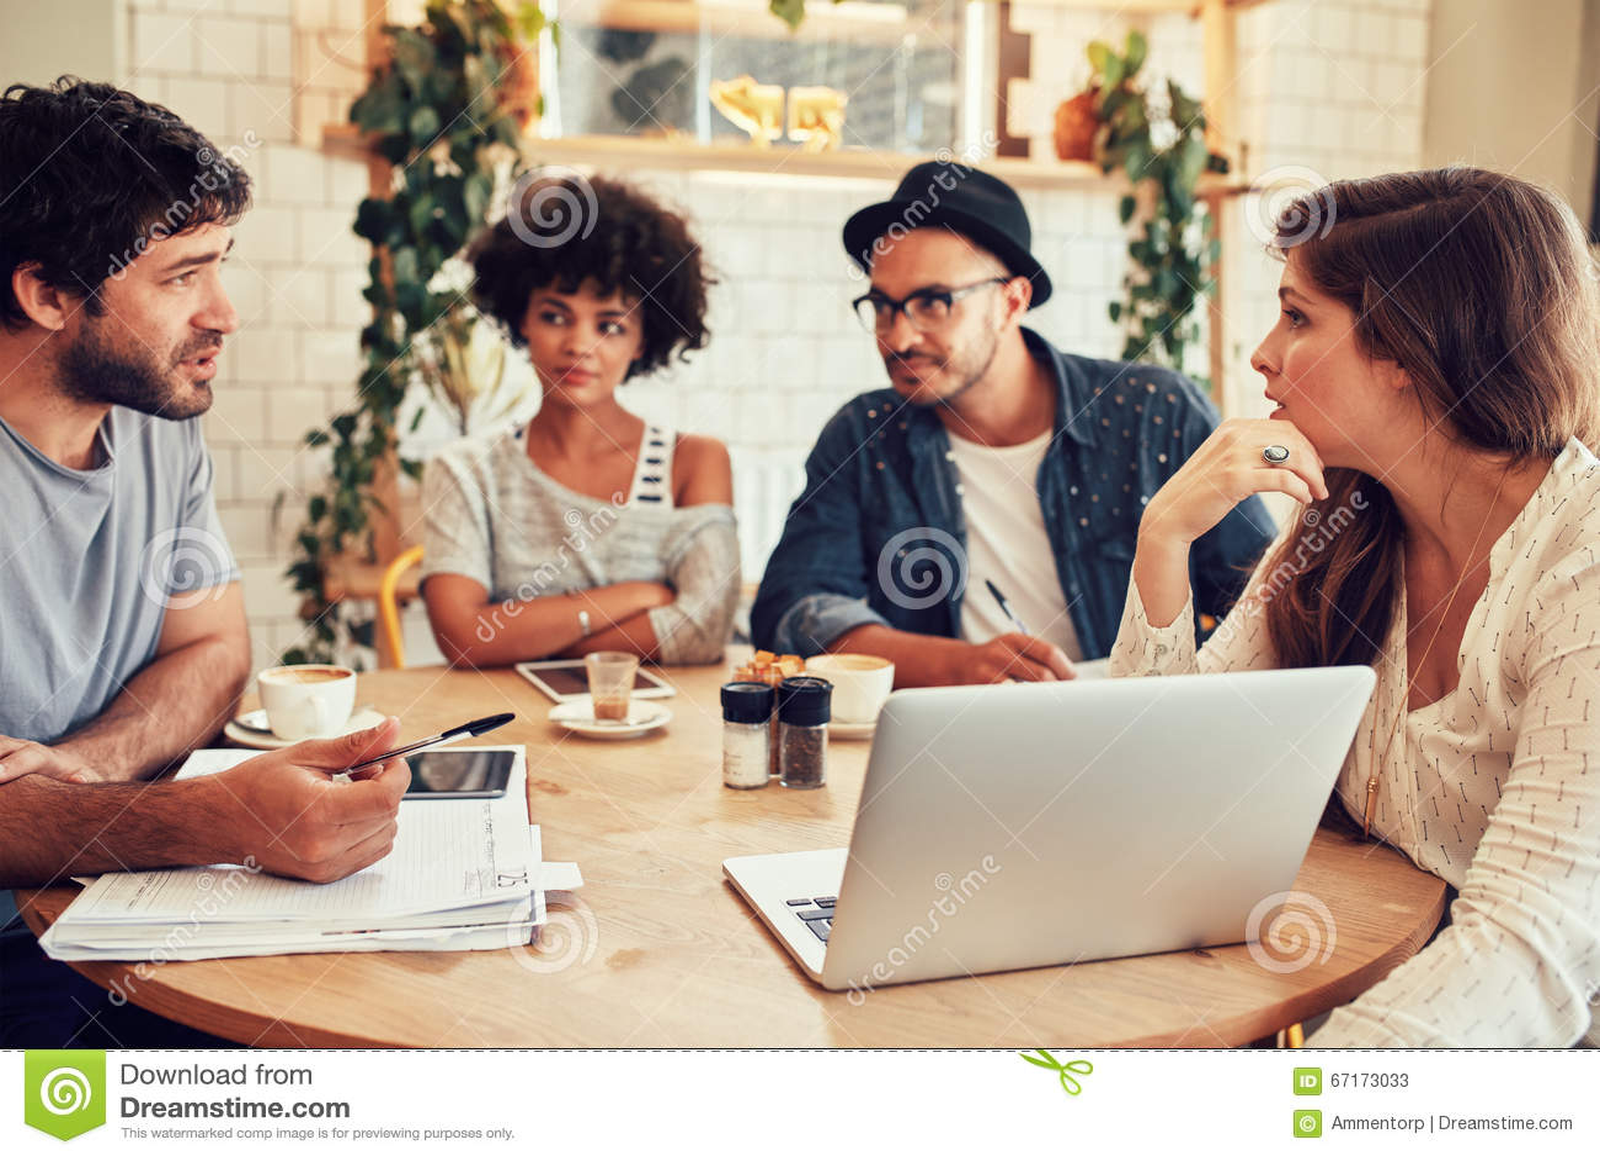 Réunion créative d équipe dans un café pour la discussion d affaires